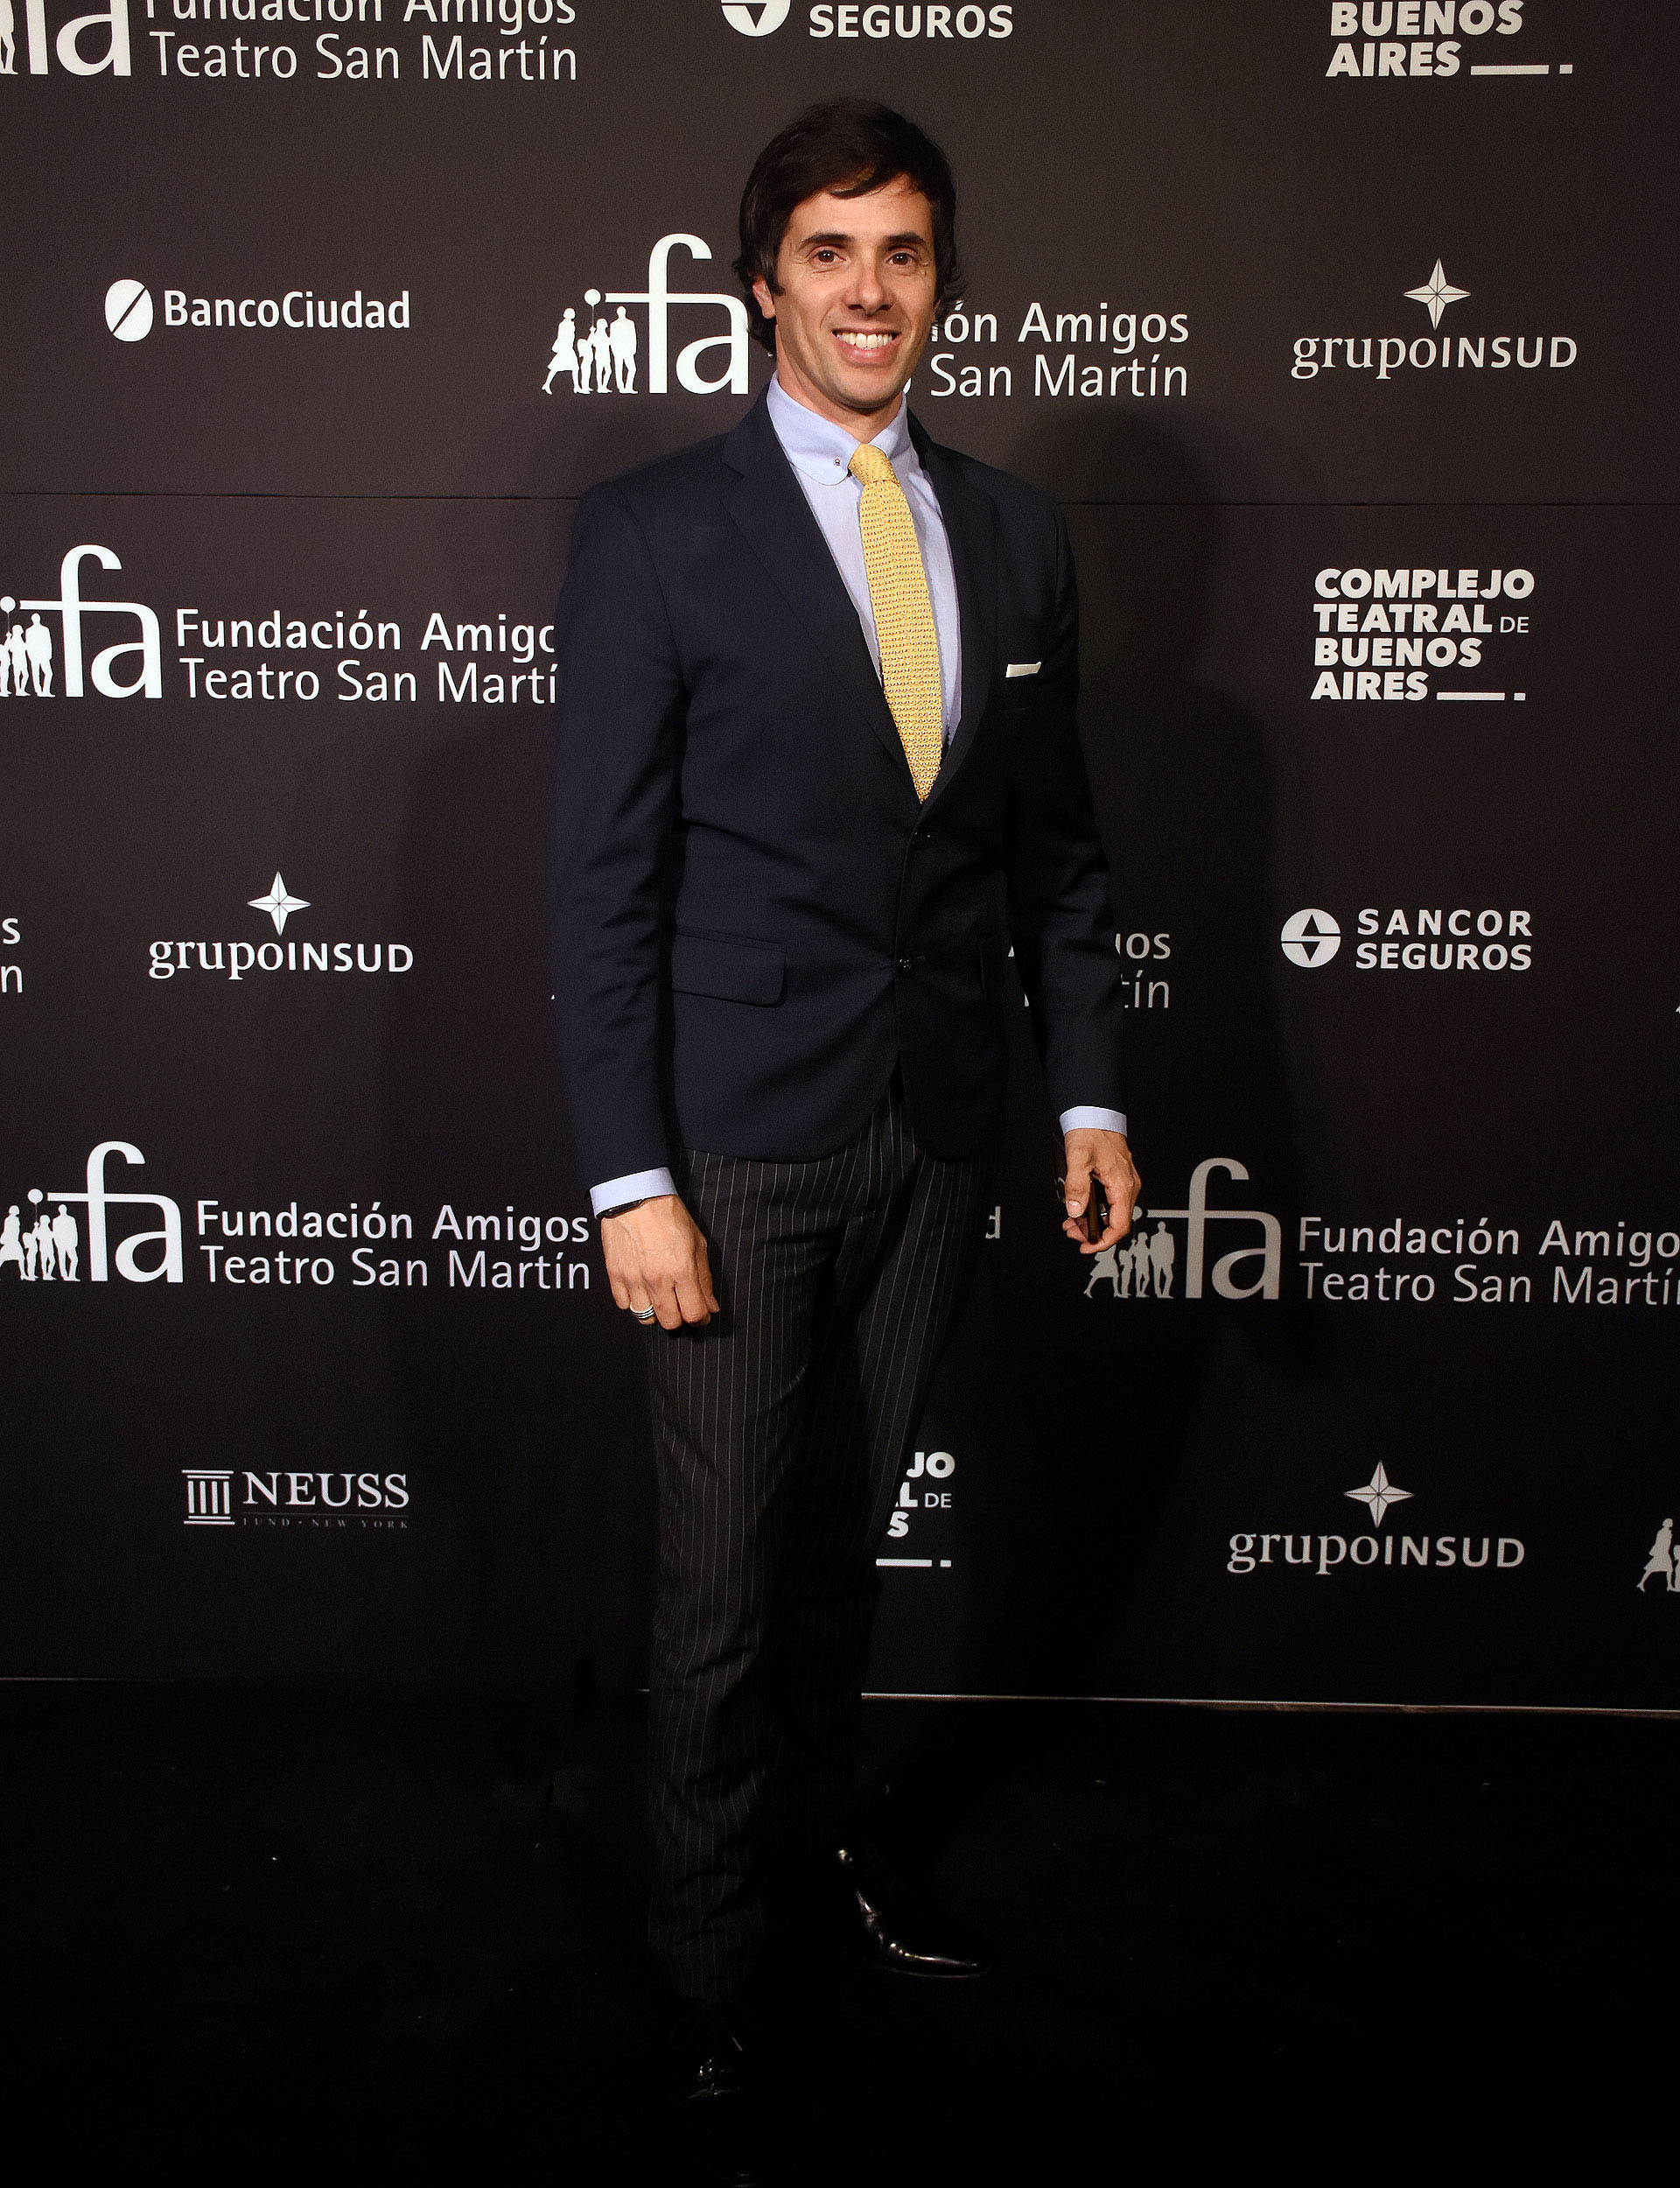 Roberto Funes Ugarte